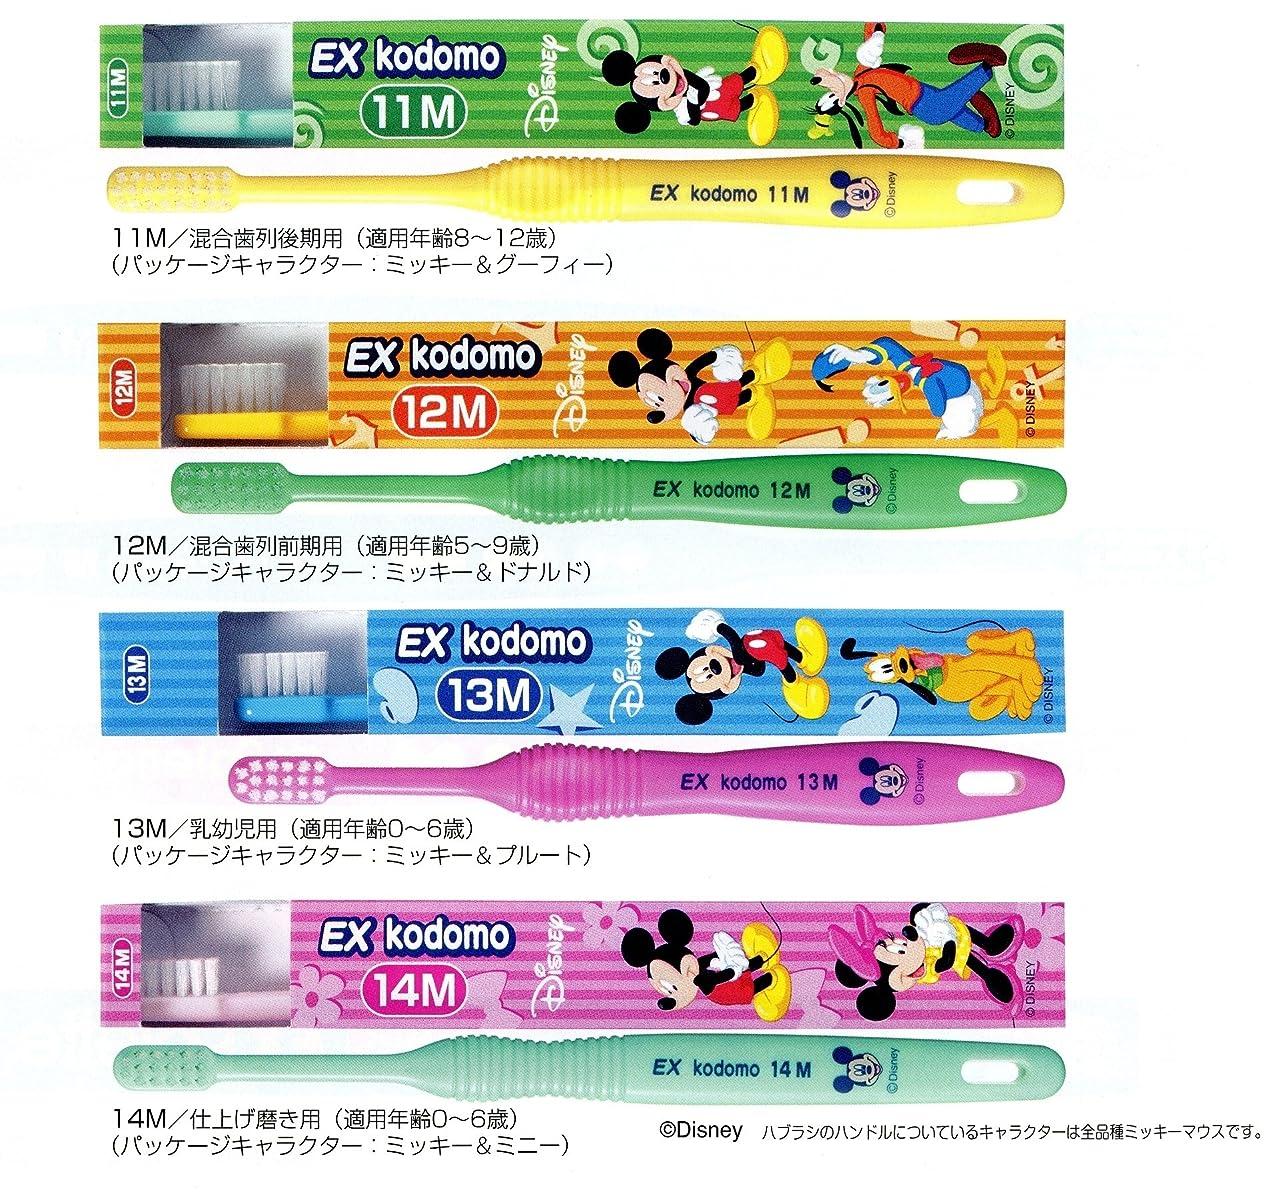 下る漂流パテライオン コドモ ディズニー DENT.EX kodomo Disney 1本 11M ピンク (8?12歳)